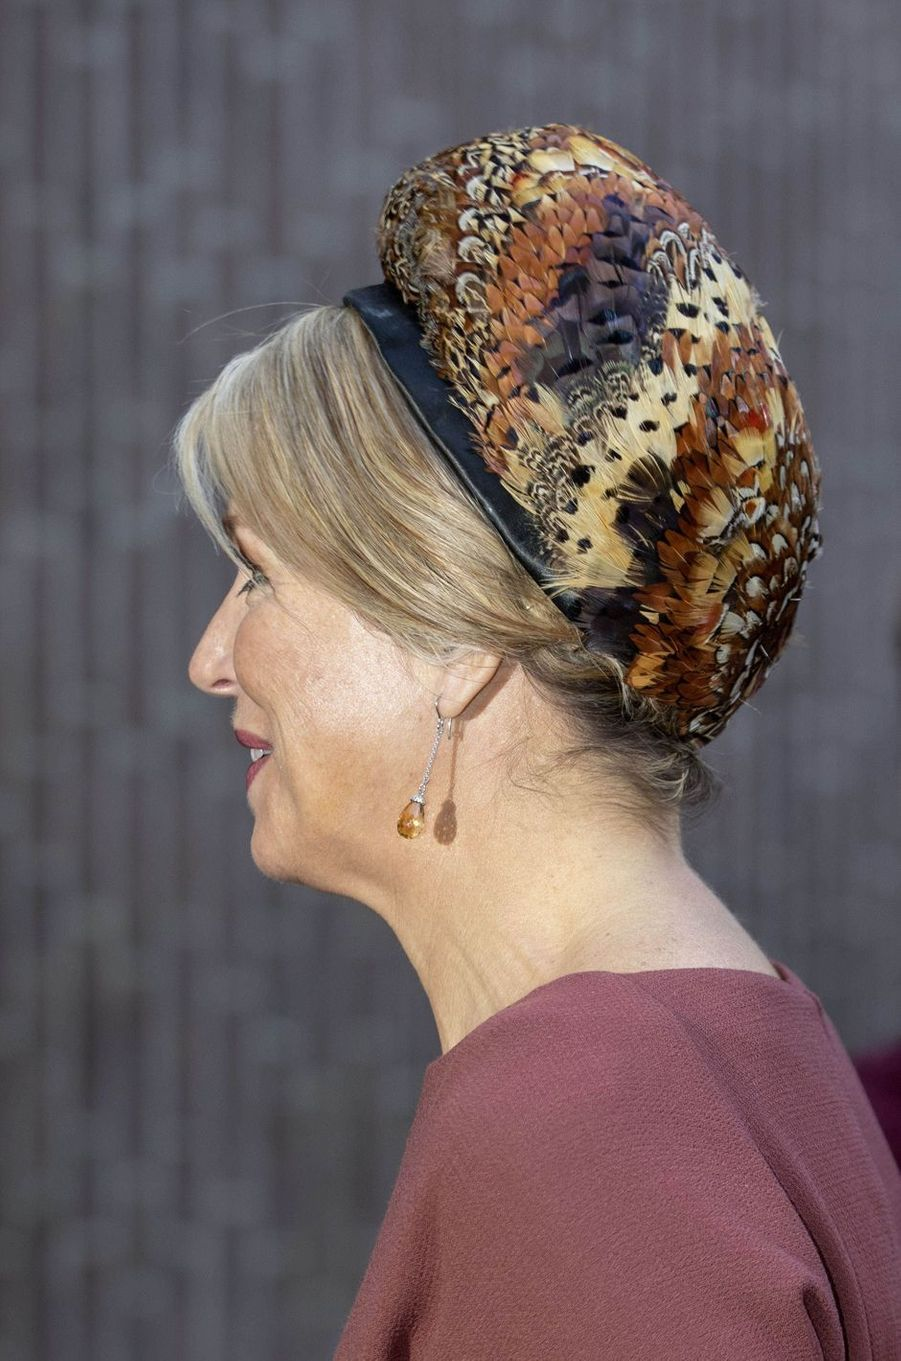 Le béret en plumes de faisans de la reine Maxima des Pays-Bas à Amsterdam, le 18 février 2020